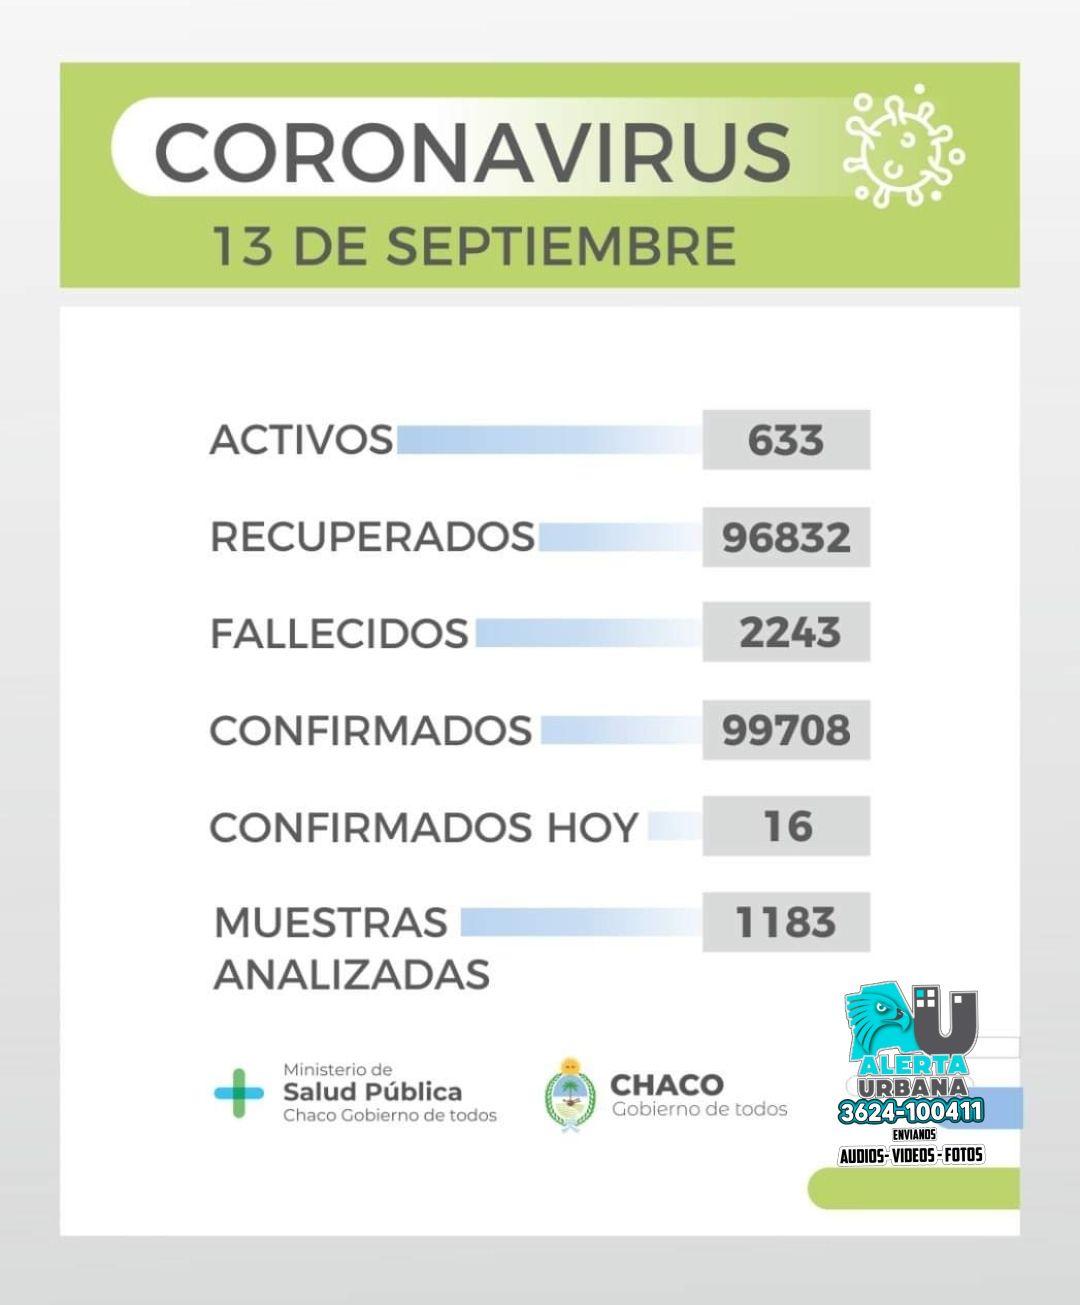 Covid-19: con 16 nuevos contagios, Chaco registra 633 casos activos